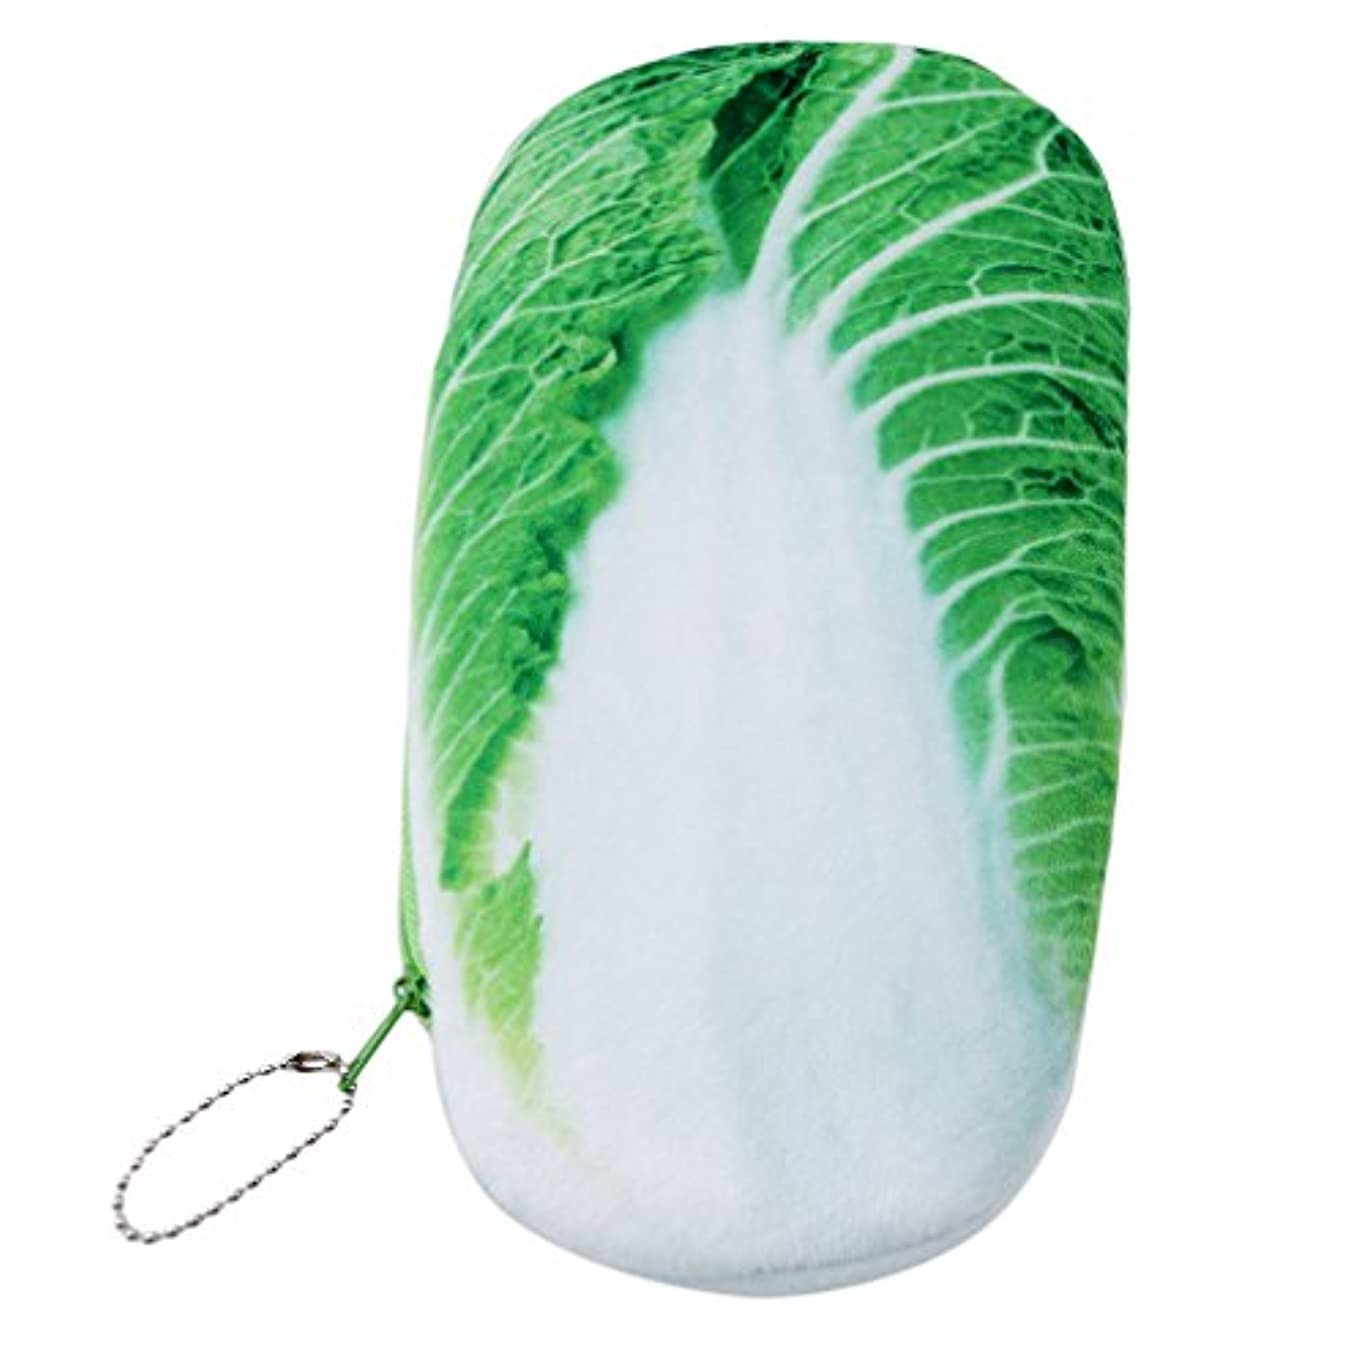 歪めるバナナロック解除KLUMA 財布 化粧ポーチ 軽量 おしゃれ シンプル かわいい 文芸 多機能 小物収納 野菜形 独特デザイン 人気でかわいい